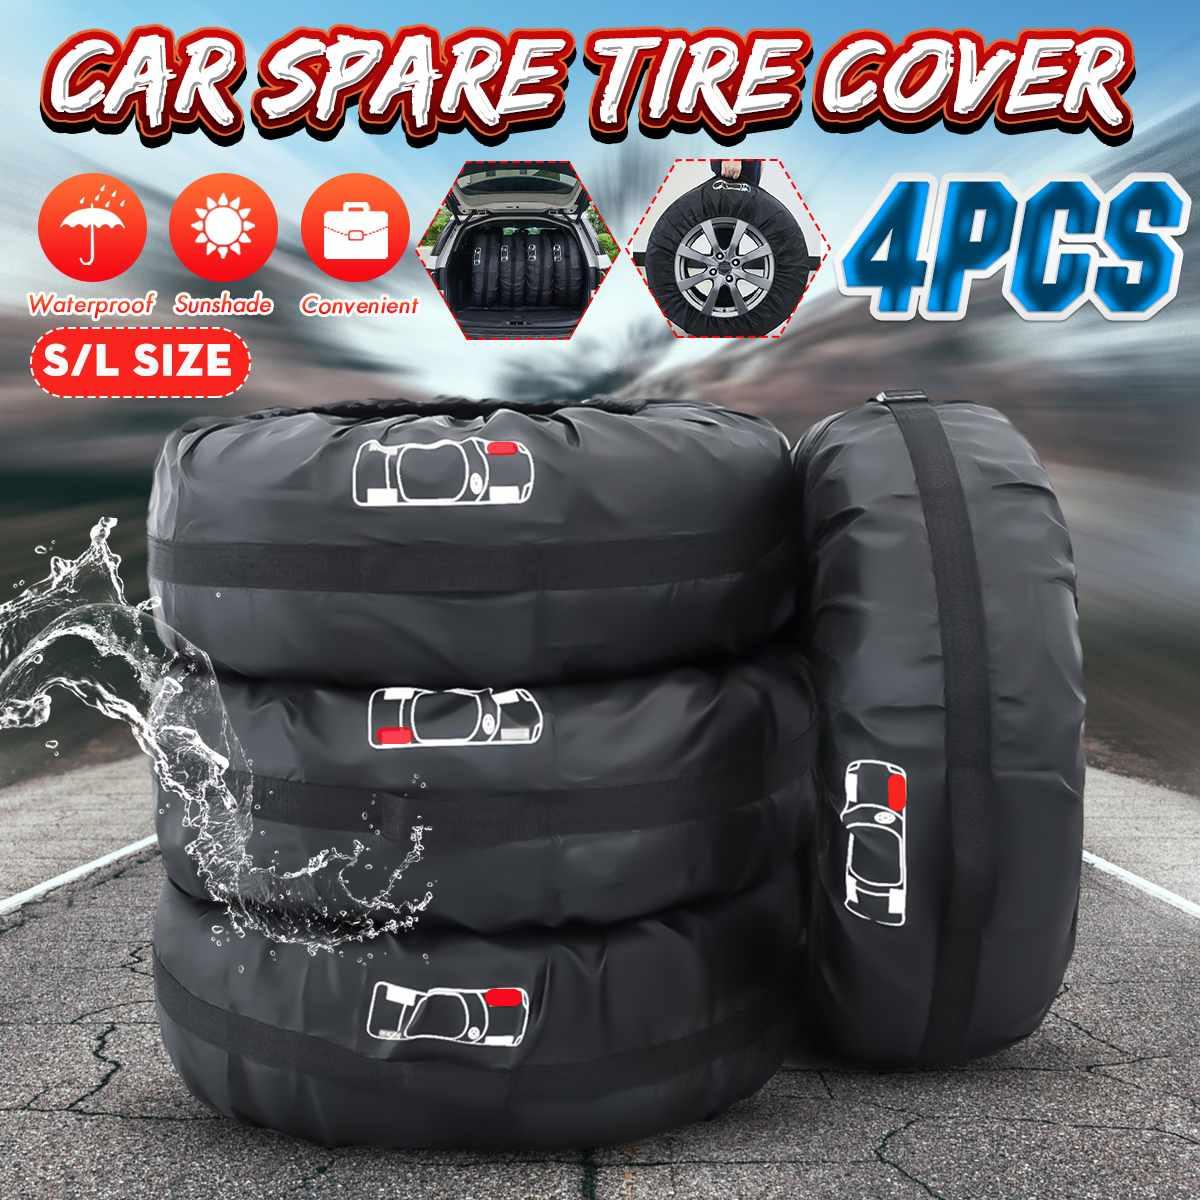 Evrensel 4 adet S/L araba yedek lastik kılıfı kılıfı Polyester lastikleri saklama çantası taşıyıcı oto lastiği tekerlek koruyucu toz geçirmez su geçirmez